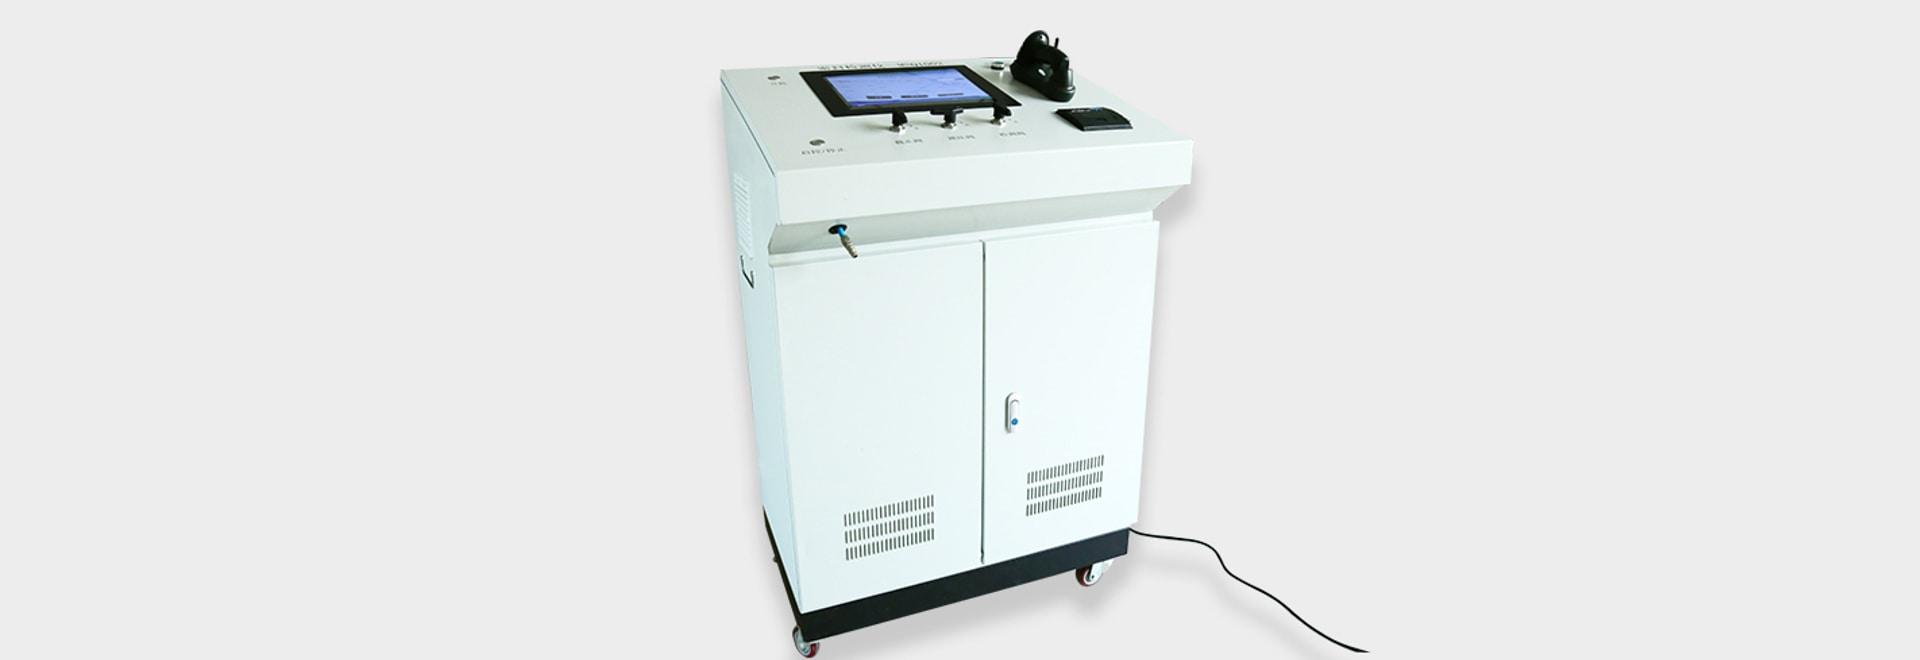 Instrument de détection de fuite de différence de pression